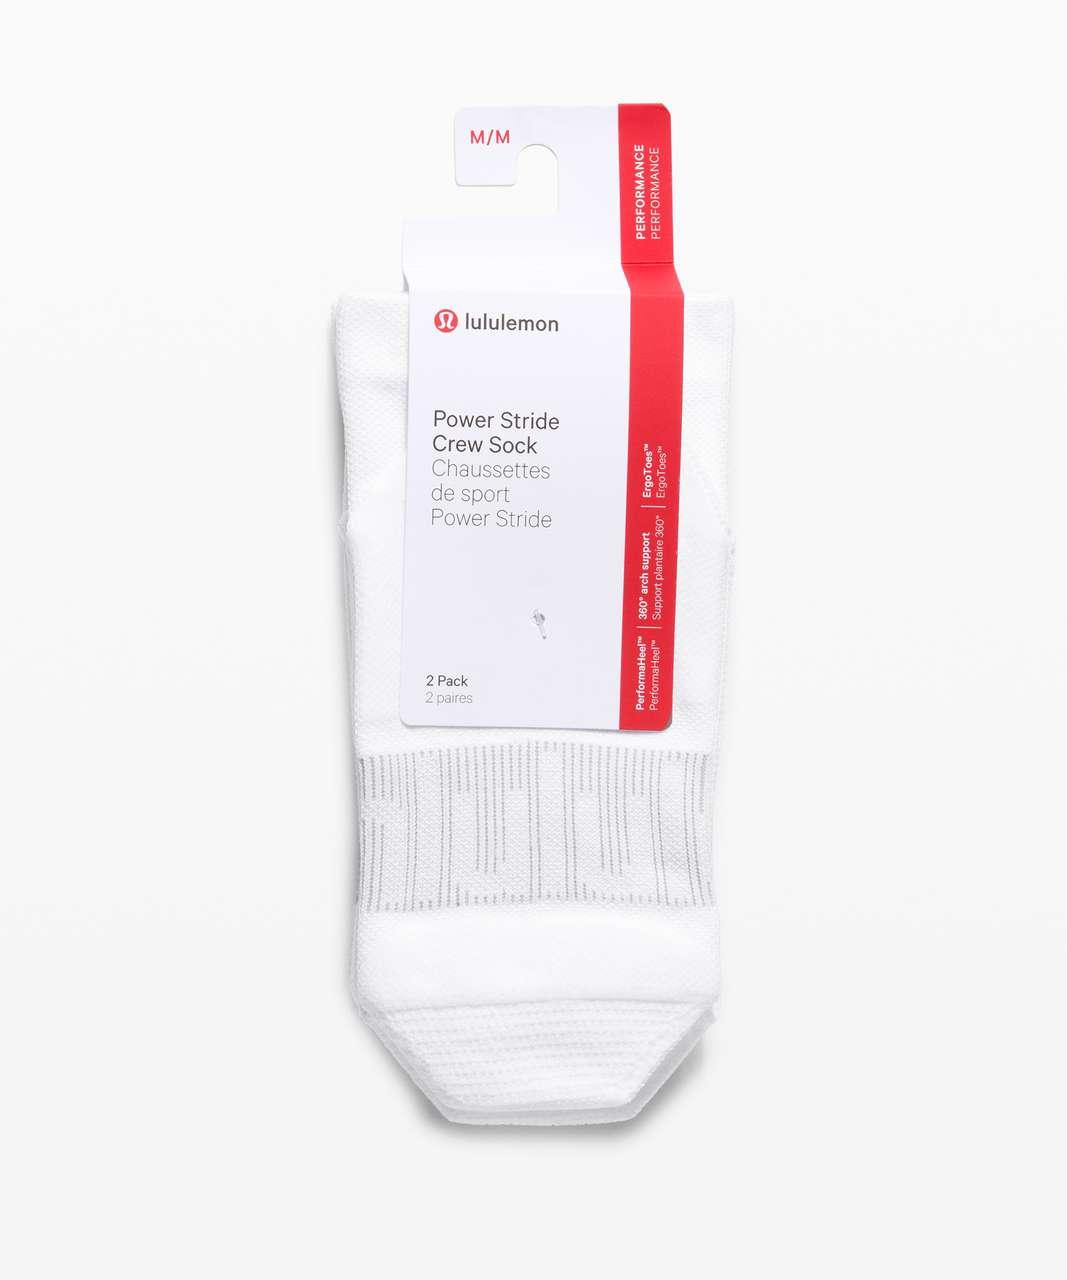 Lululemon Power Stride Crew Sock Wordmark *2 Pack - White